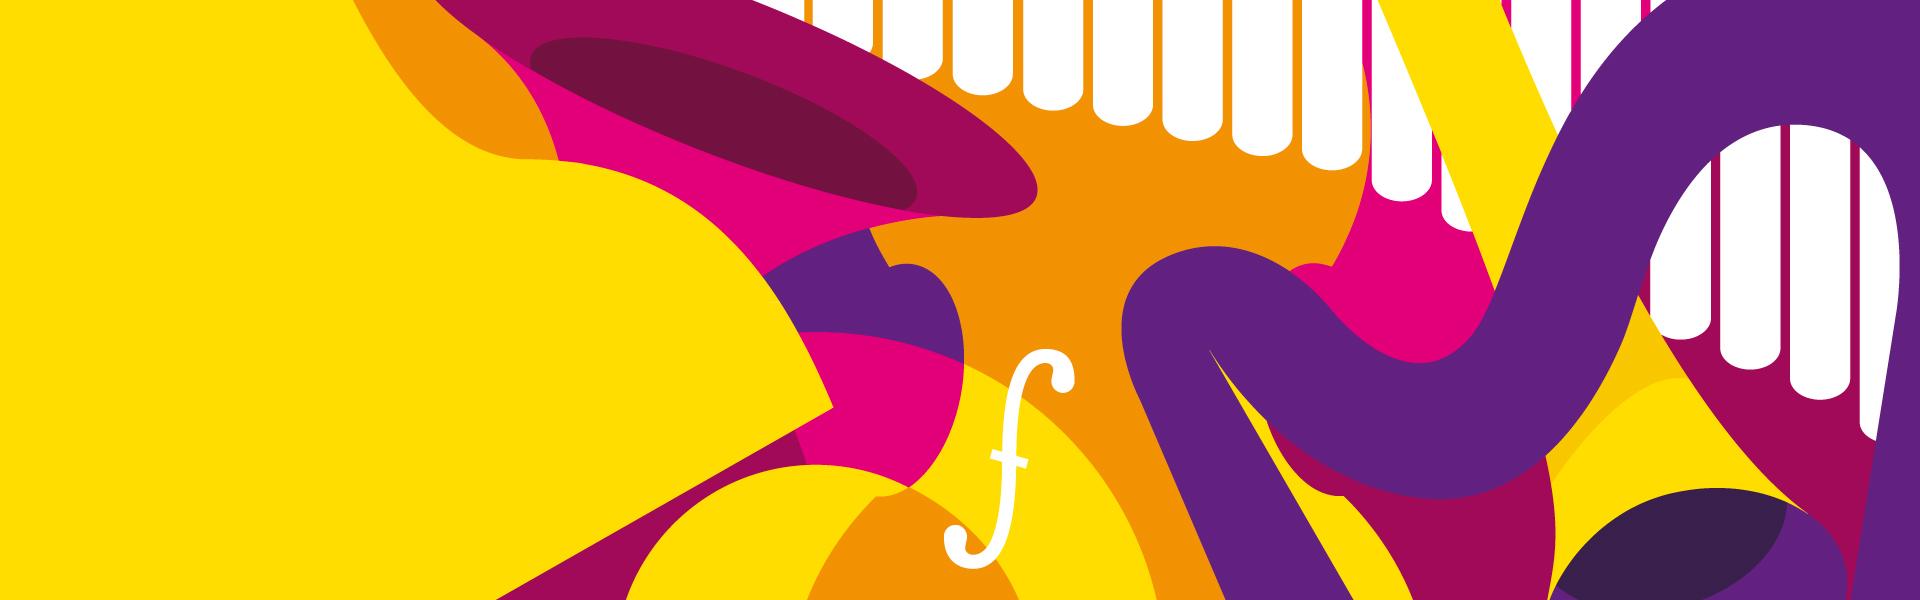 XXXV Festival Ibérico de Música de Badajoz